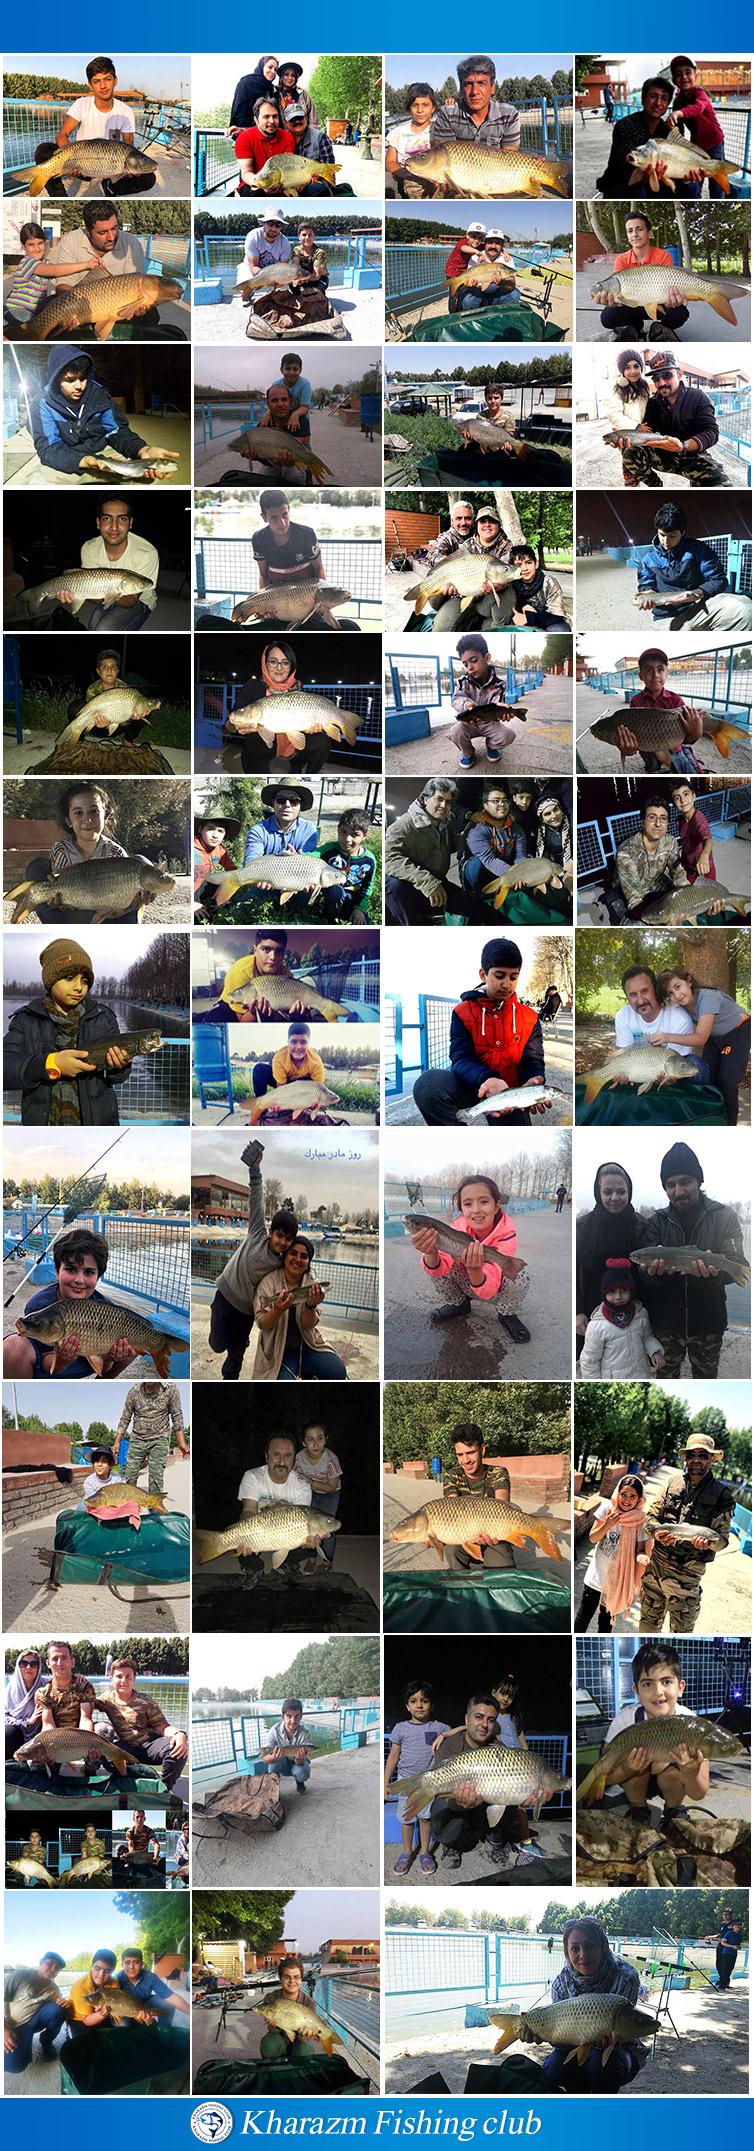 آموزش ماهیگیری ورزشی از پایه در باشگاه ورزشی خوارزم